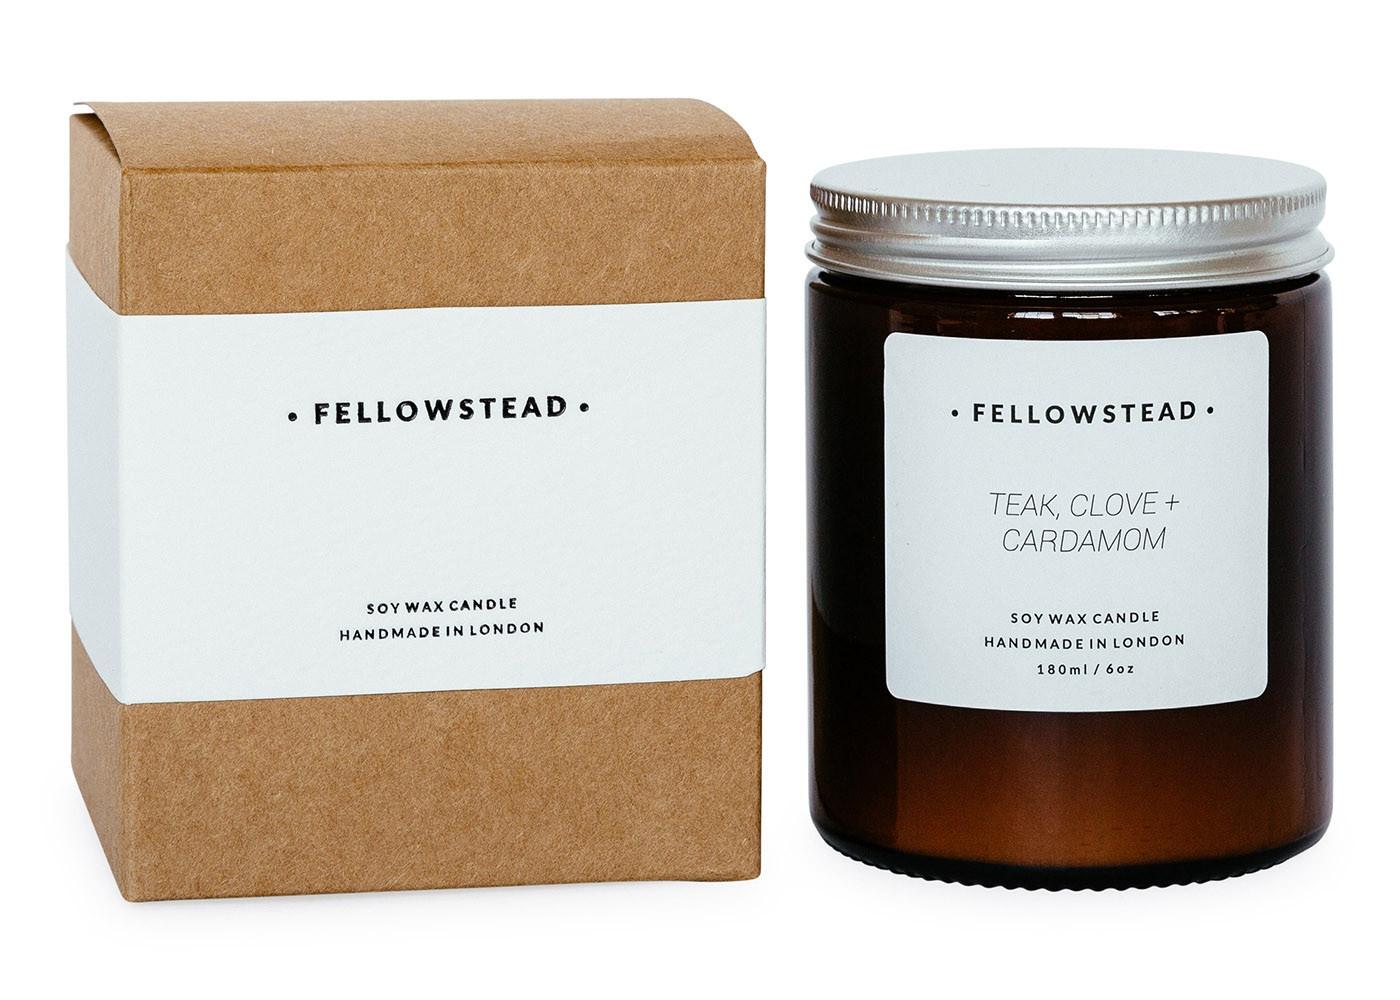 Fellowstead Botanical Candle - Teak, Clove + Cardamom